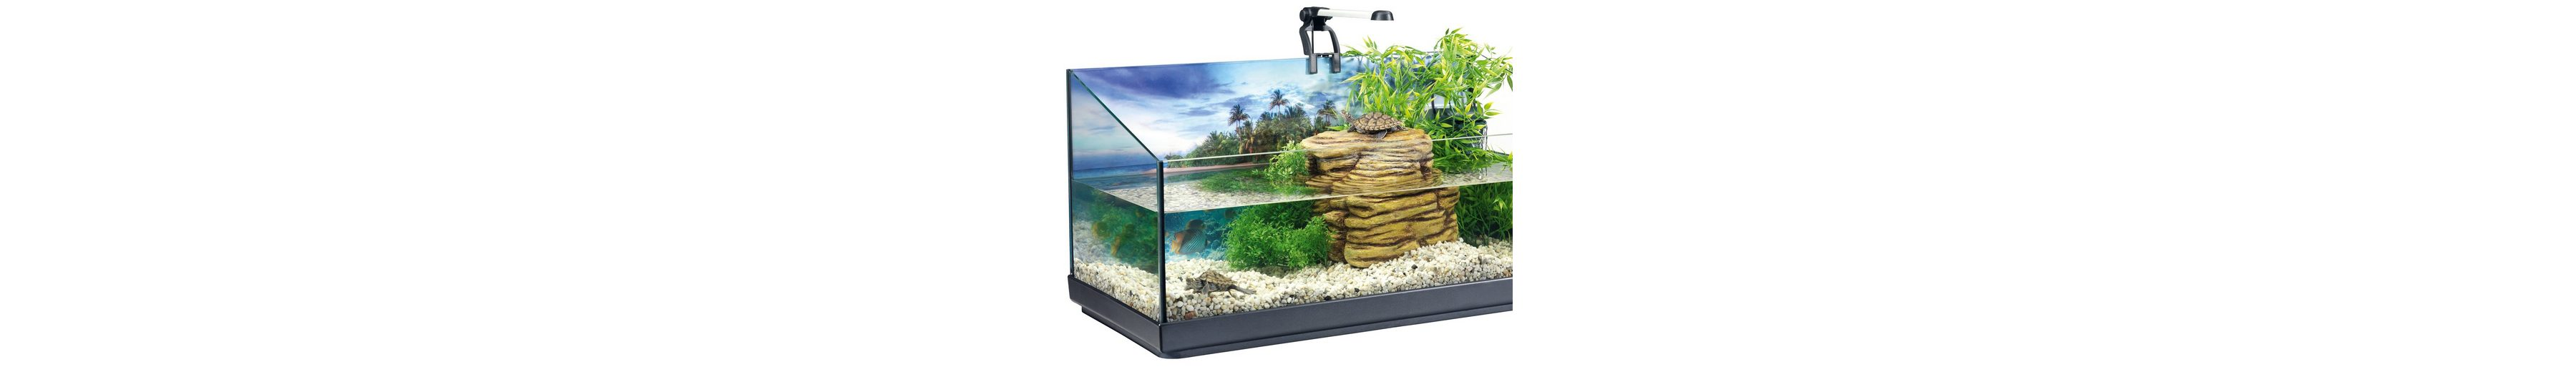 Aquarien-Set »Tetra Repto Set« 40 l für Wasserschildkröten